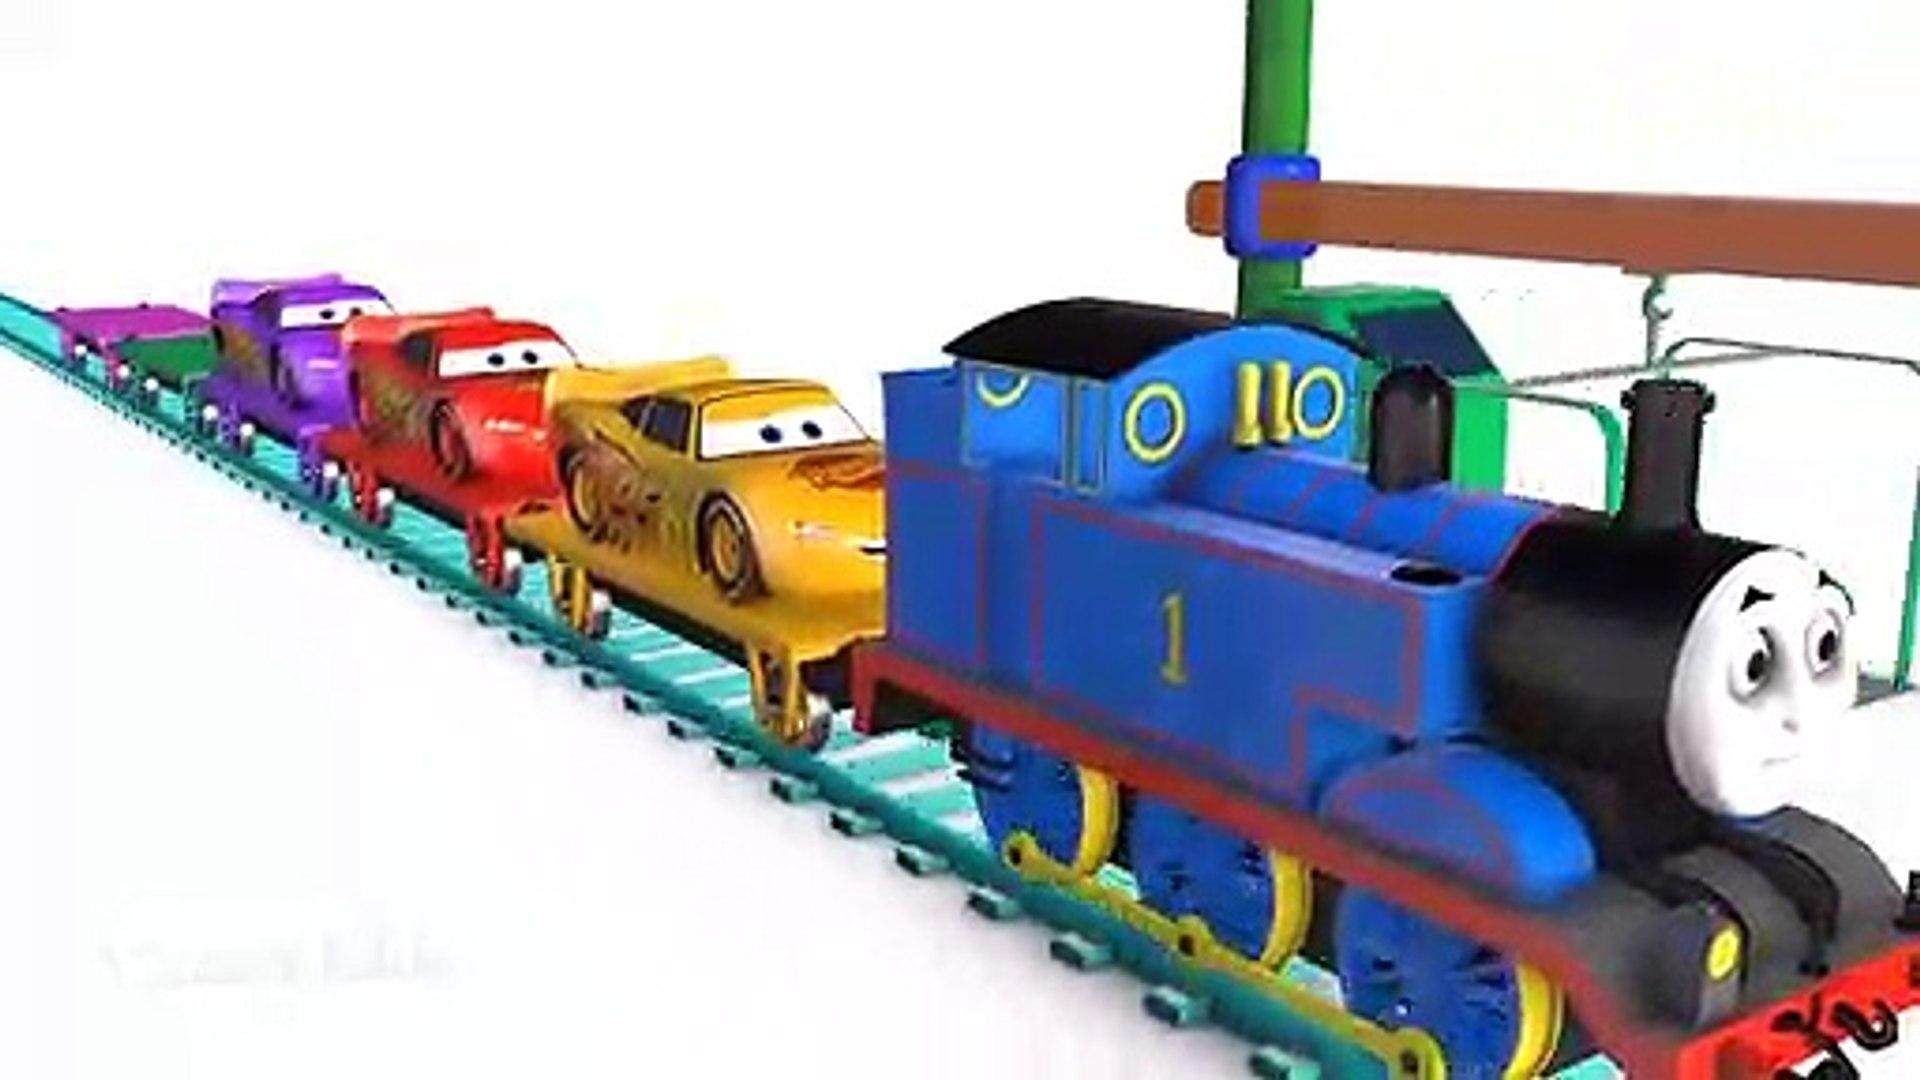 ماكوين القطار اللون للأطفال - تعلم الفيديو التعليمية - تعلم سيارات 3D الأبطال الخارقين للأطفال